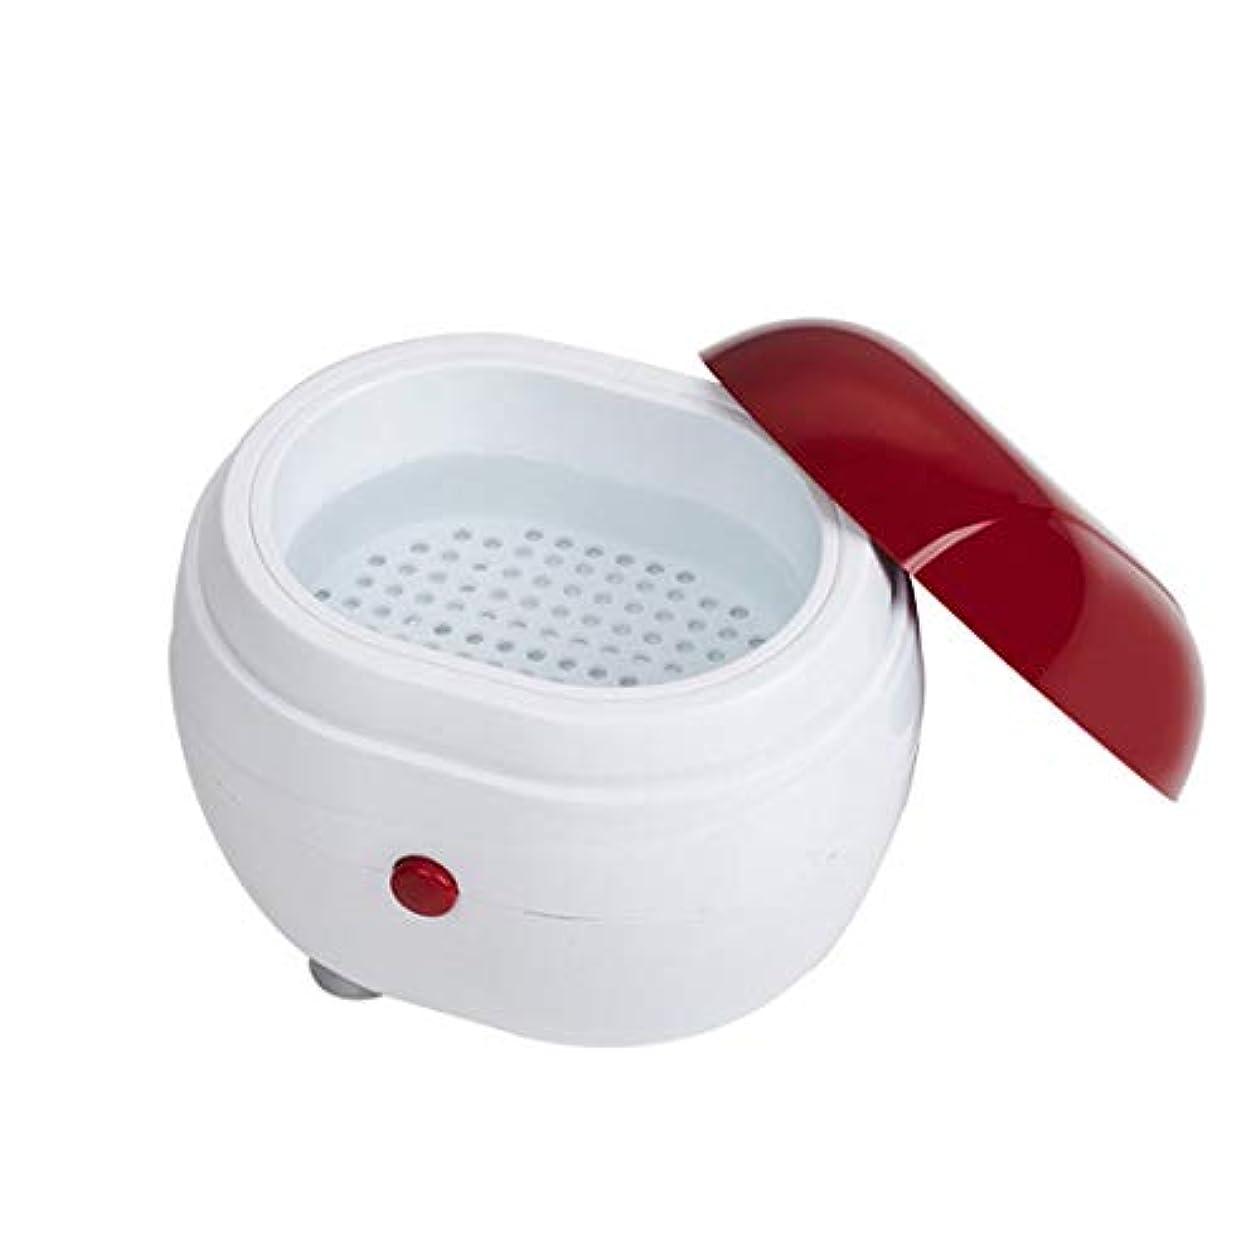 見せます熟したかき混ぜるポータブル超音波洗浄機家庭用ジュエリーレンズ時計義歯洗浄機洗浄機洗浄機洗浄ボックス (Panda) (色:シルバー)